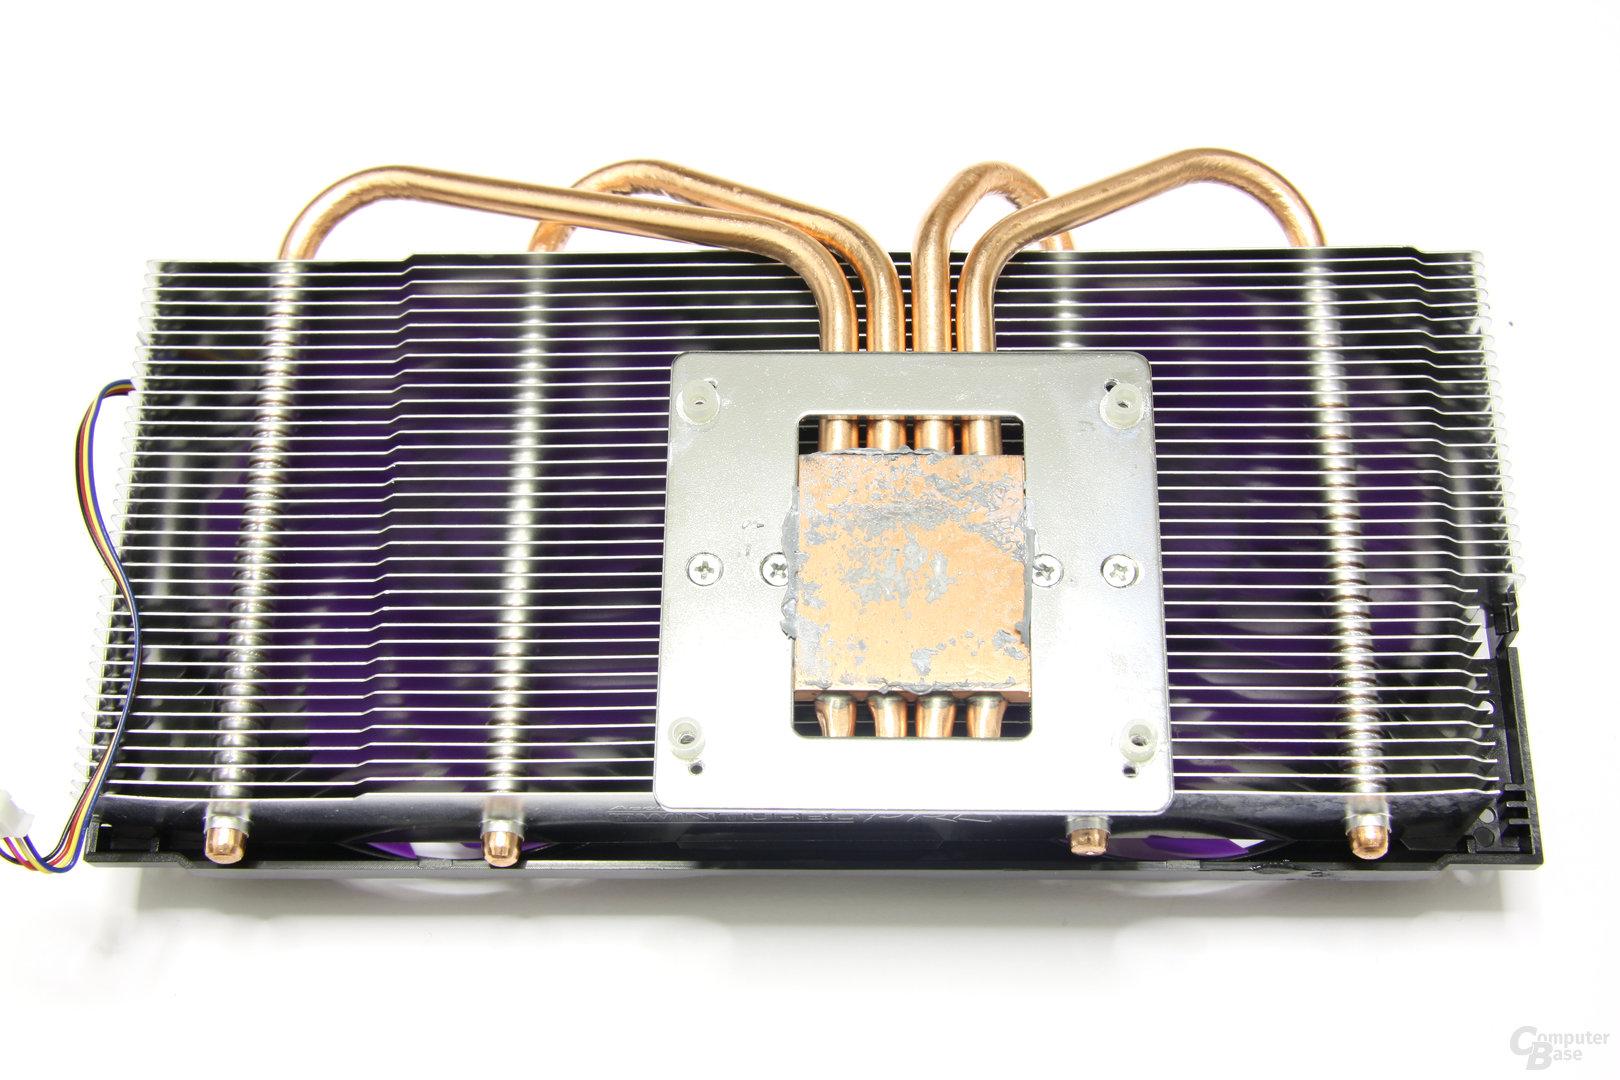 Calibre GTX 560 Super OC Kühlerrückseite